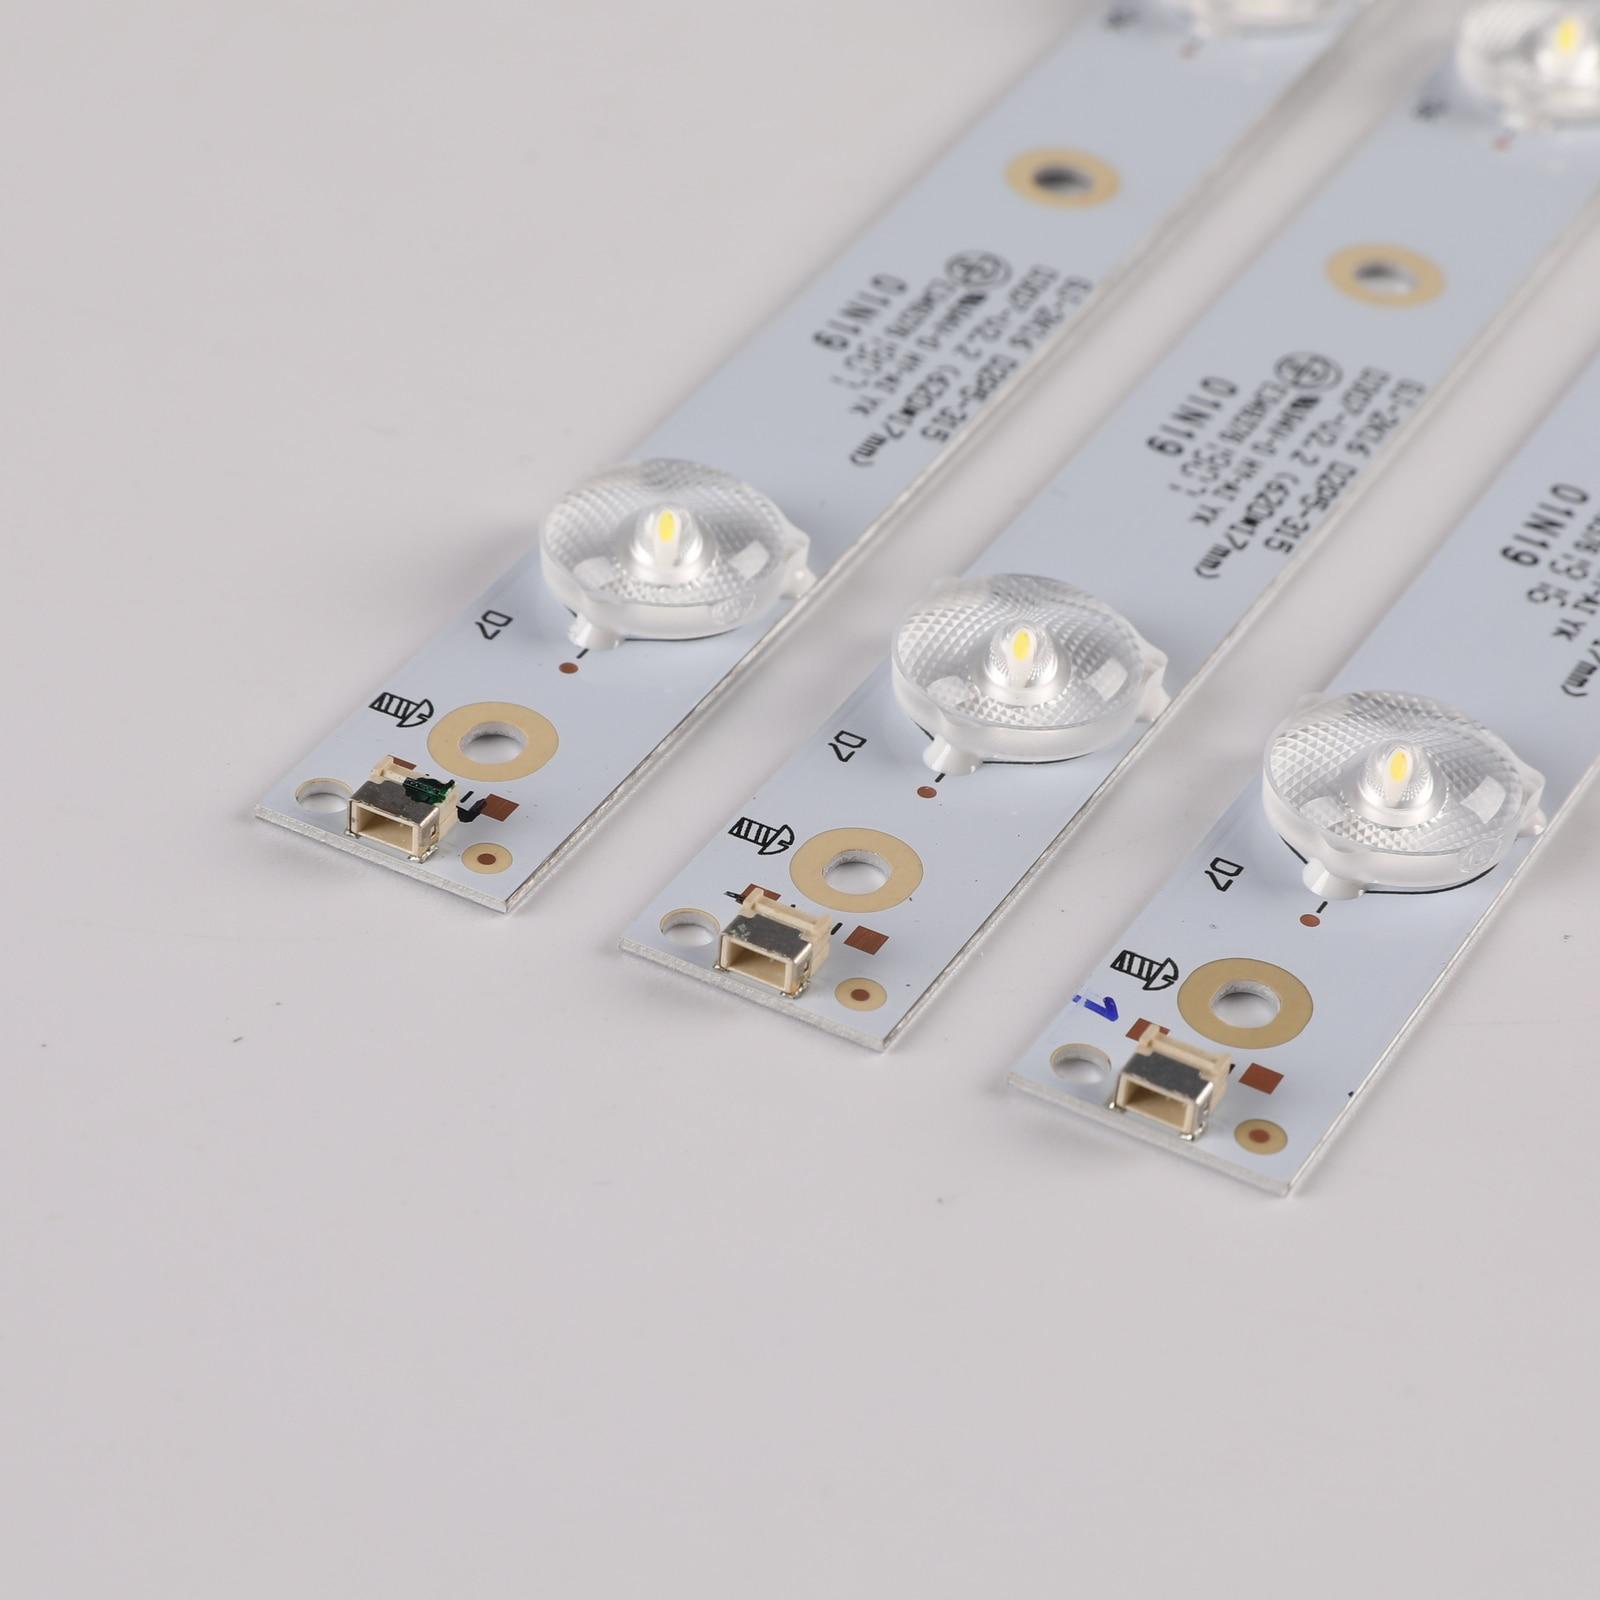 620mm LED Backlight Strips 7 Lamp LB-PF3030-GJD2P53153X7AHV2-D For Philips 32PHT4101/60 32PHT41321/12 For LG 32LJ500V LED Bars